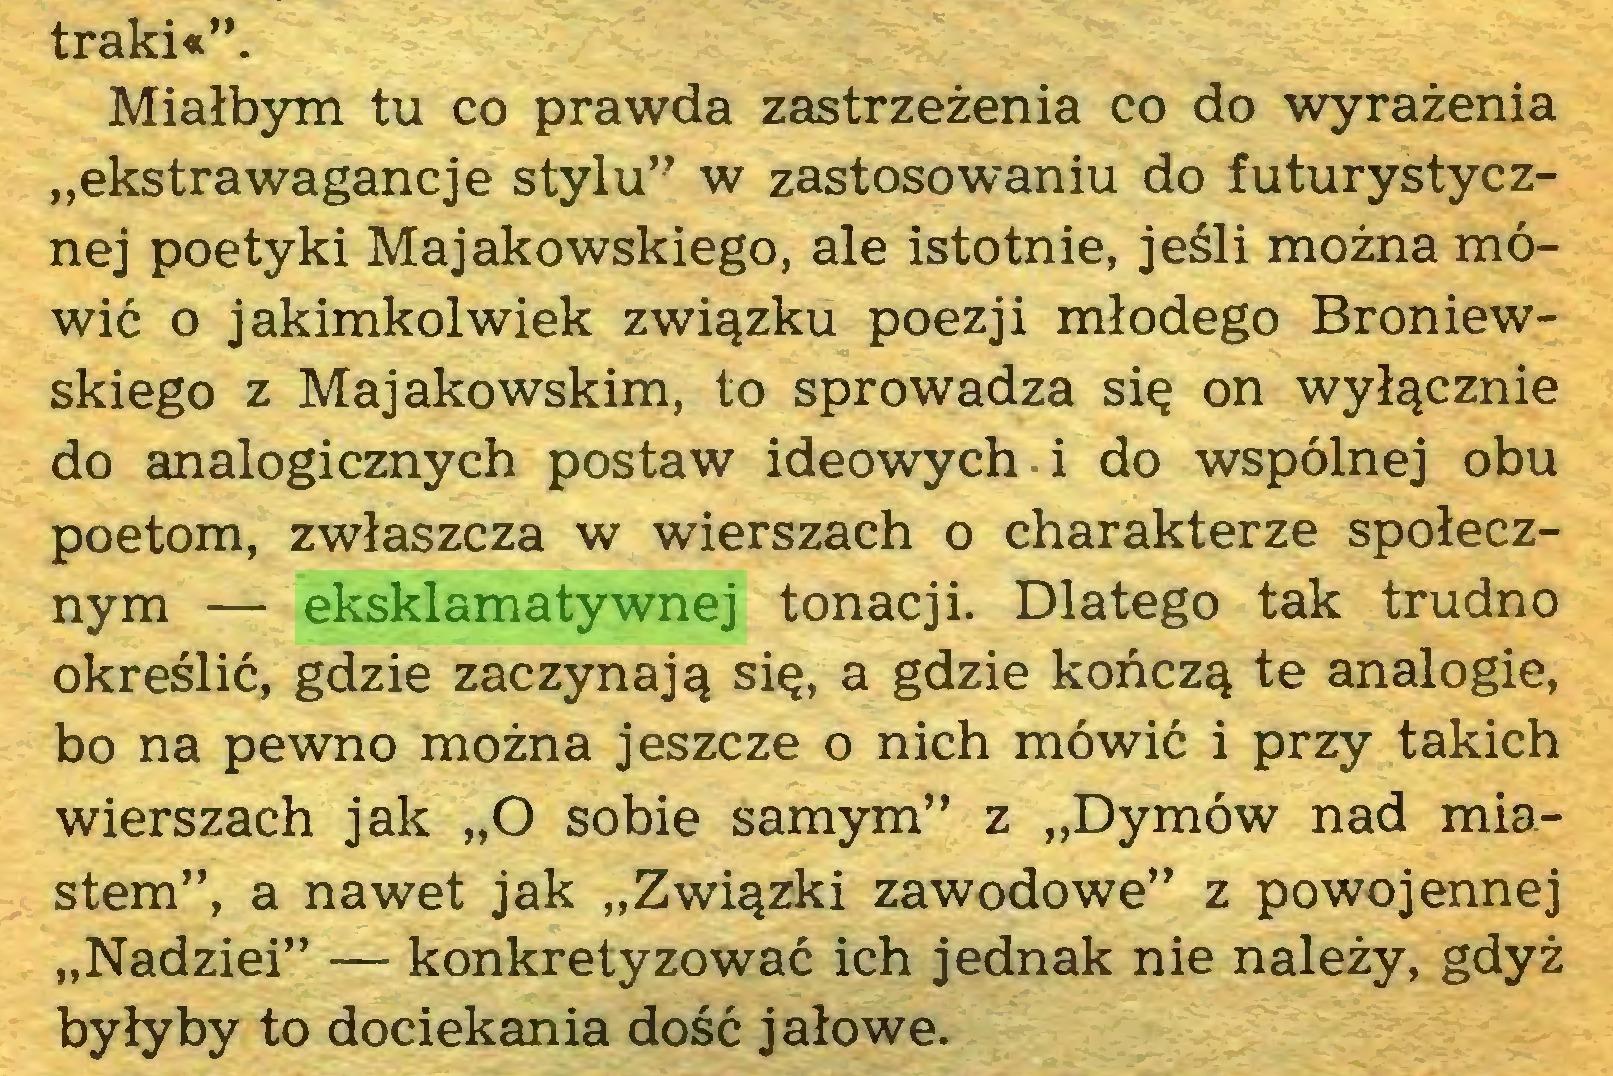 """(...) traki«"""". Miałbym tu co prawda zastrzeżenia co do wyrażenia """"ekstrawagancje stylu"""" w zastosowaniu do futurystycznej poetyki Majakowskiego, ale istotnie, jeśli można mówić o jakimkolwiek związku poezji młodego Broniewskiego z Majakowskim, to sprowadza się on wyłącznie do analogicznych postaw ideowych i do wspólnej obu poetom, zwłaszcza w wierszach o charakterze społecznym — eksklamatywnej tonacji. Dlatego tak trudno określić, gdzie zaczynają się, a gdzie kończą te analogie, bo na pewno można jeszcze o nich mówić i przy takich wierszach jak """"O sobie samym"""" z """"Dymów nad miastem"""", a nawet jak """"Związki zawodowe"""" z powojennej """"Nadziei"""" — konkretyzować ich jednak nie należy, gdyż byłyby to dociekania dość jałowe..."""